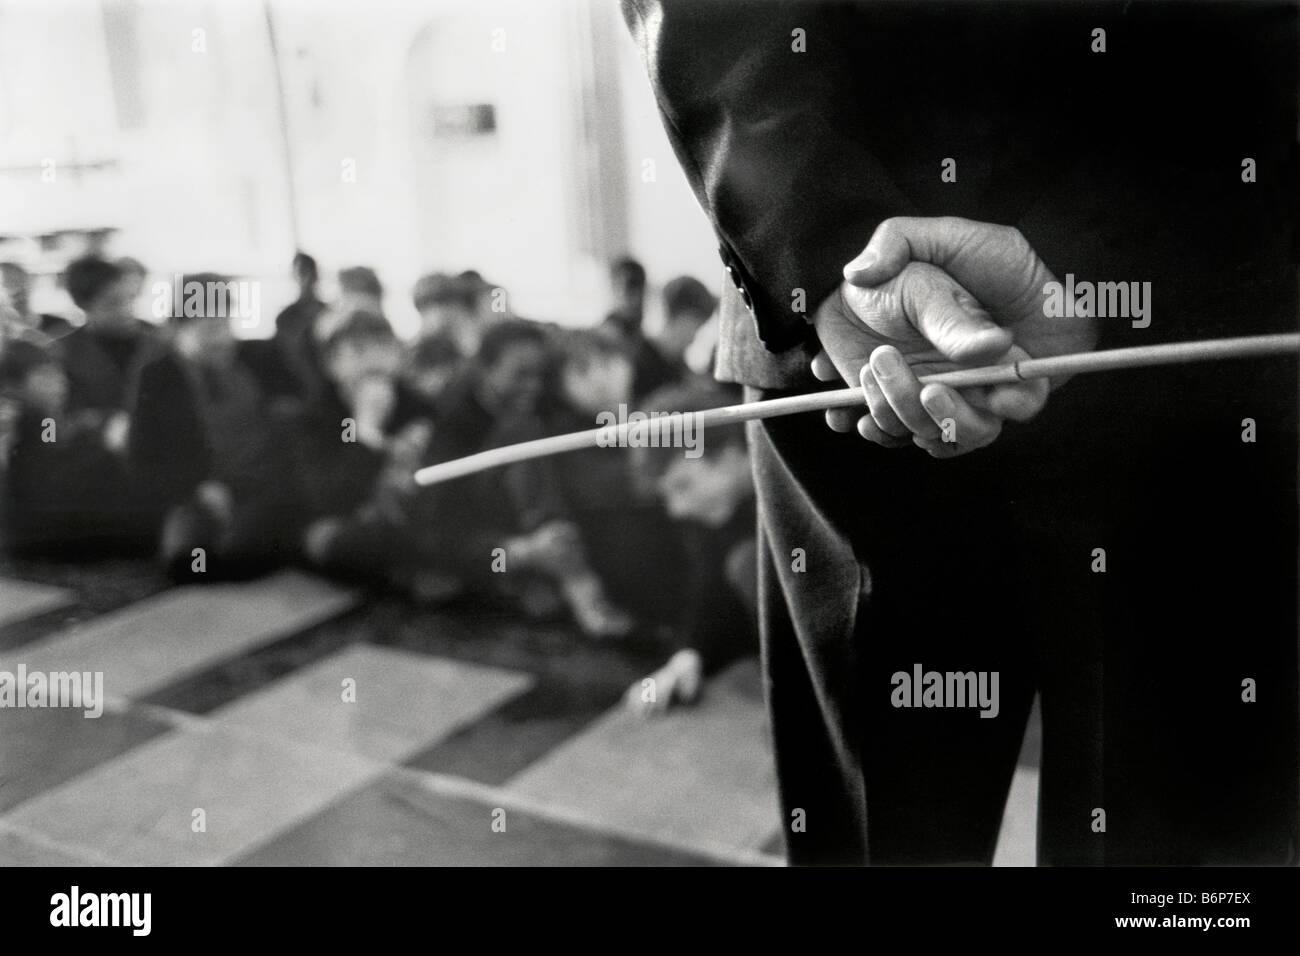 Hände des Lehrers mit Zuckerrohr in den Schulraum Stockbild